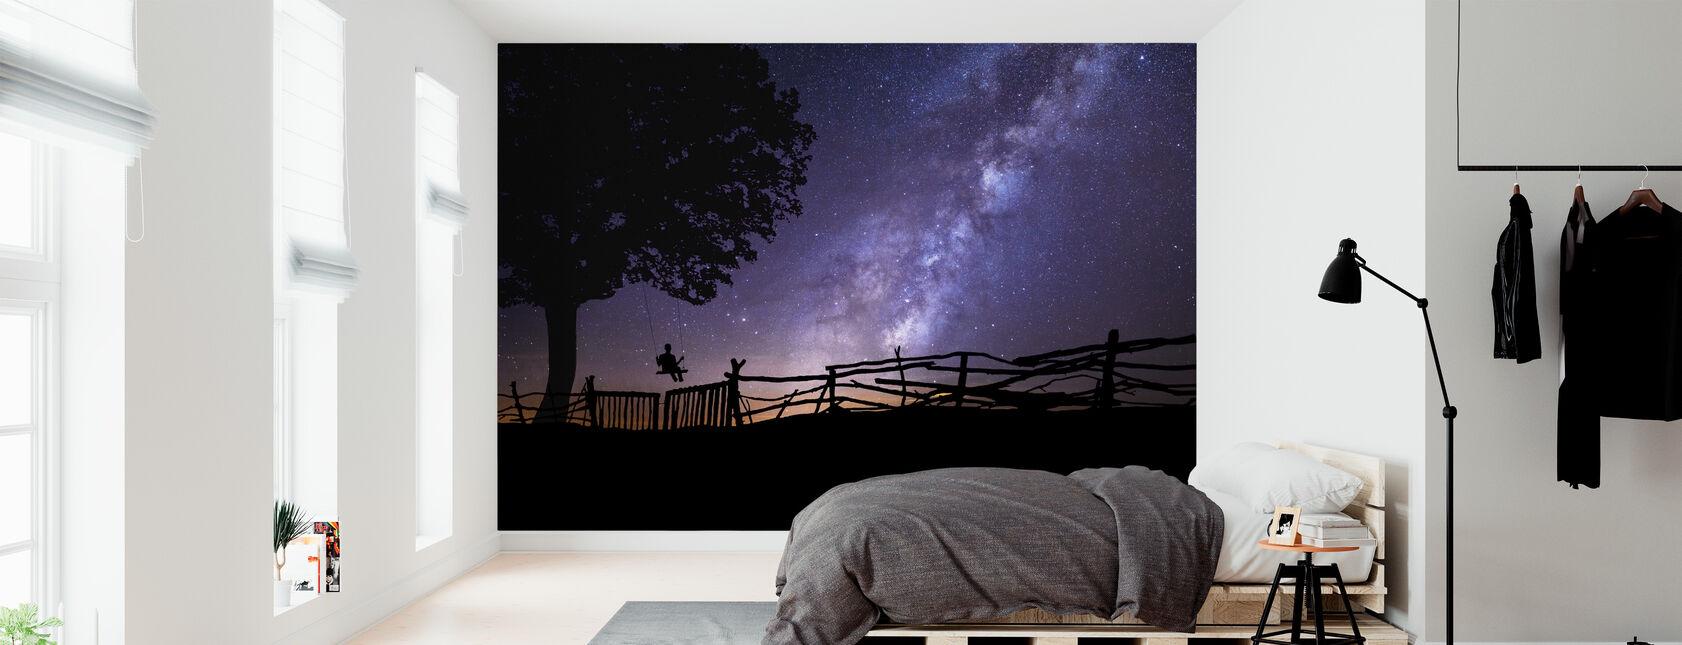 Stjernehimmel - Tapet - Soverom